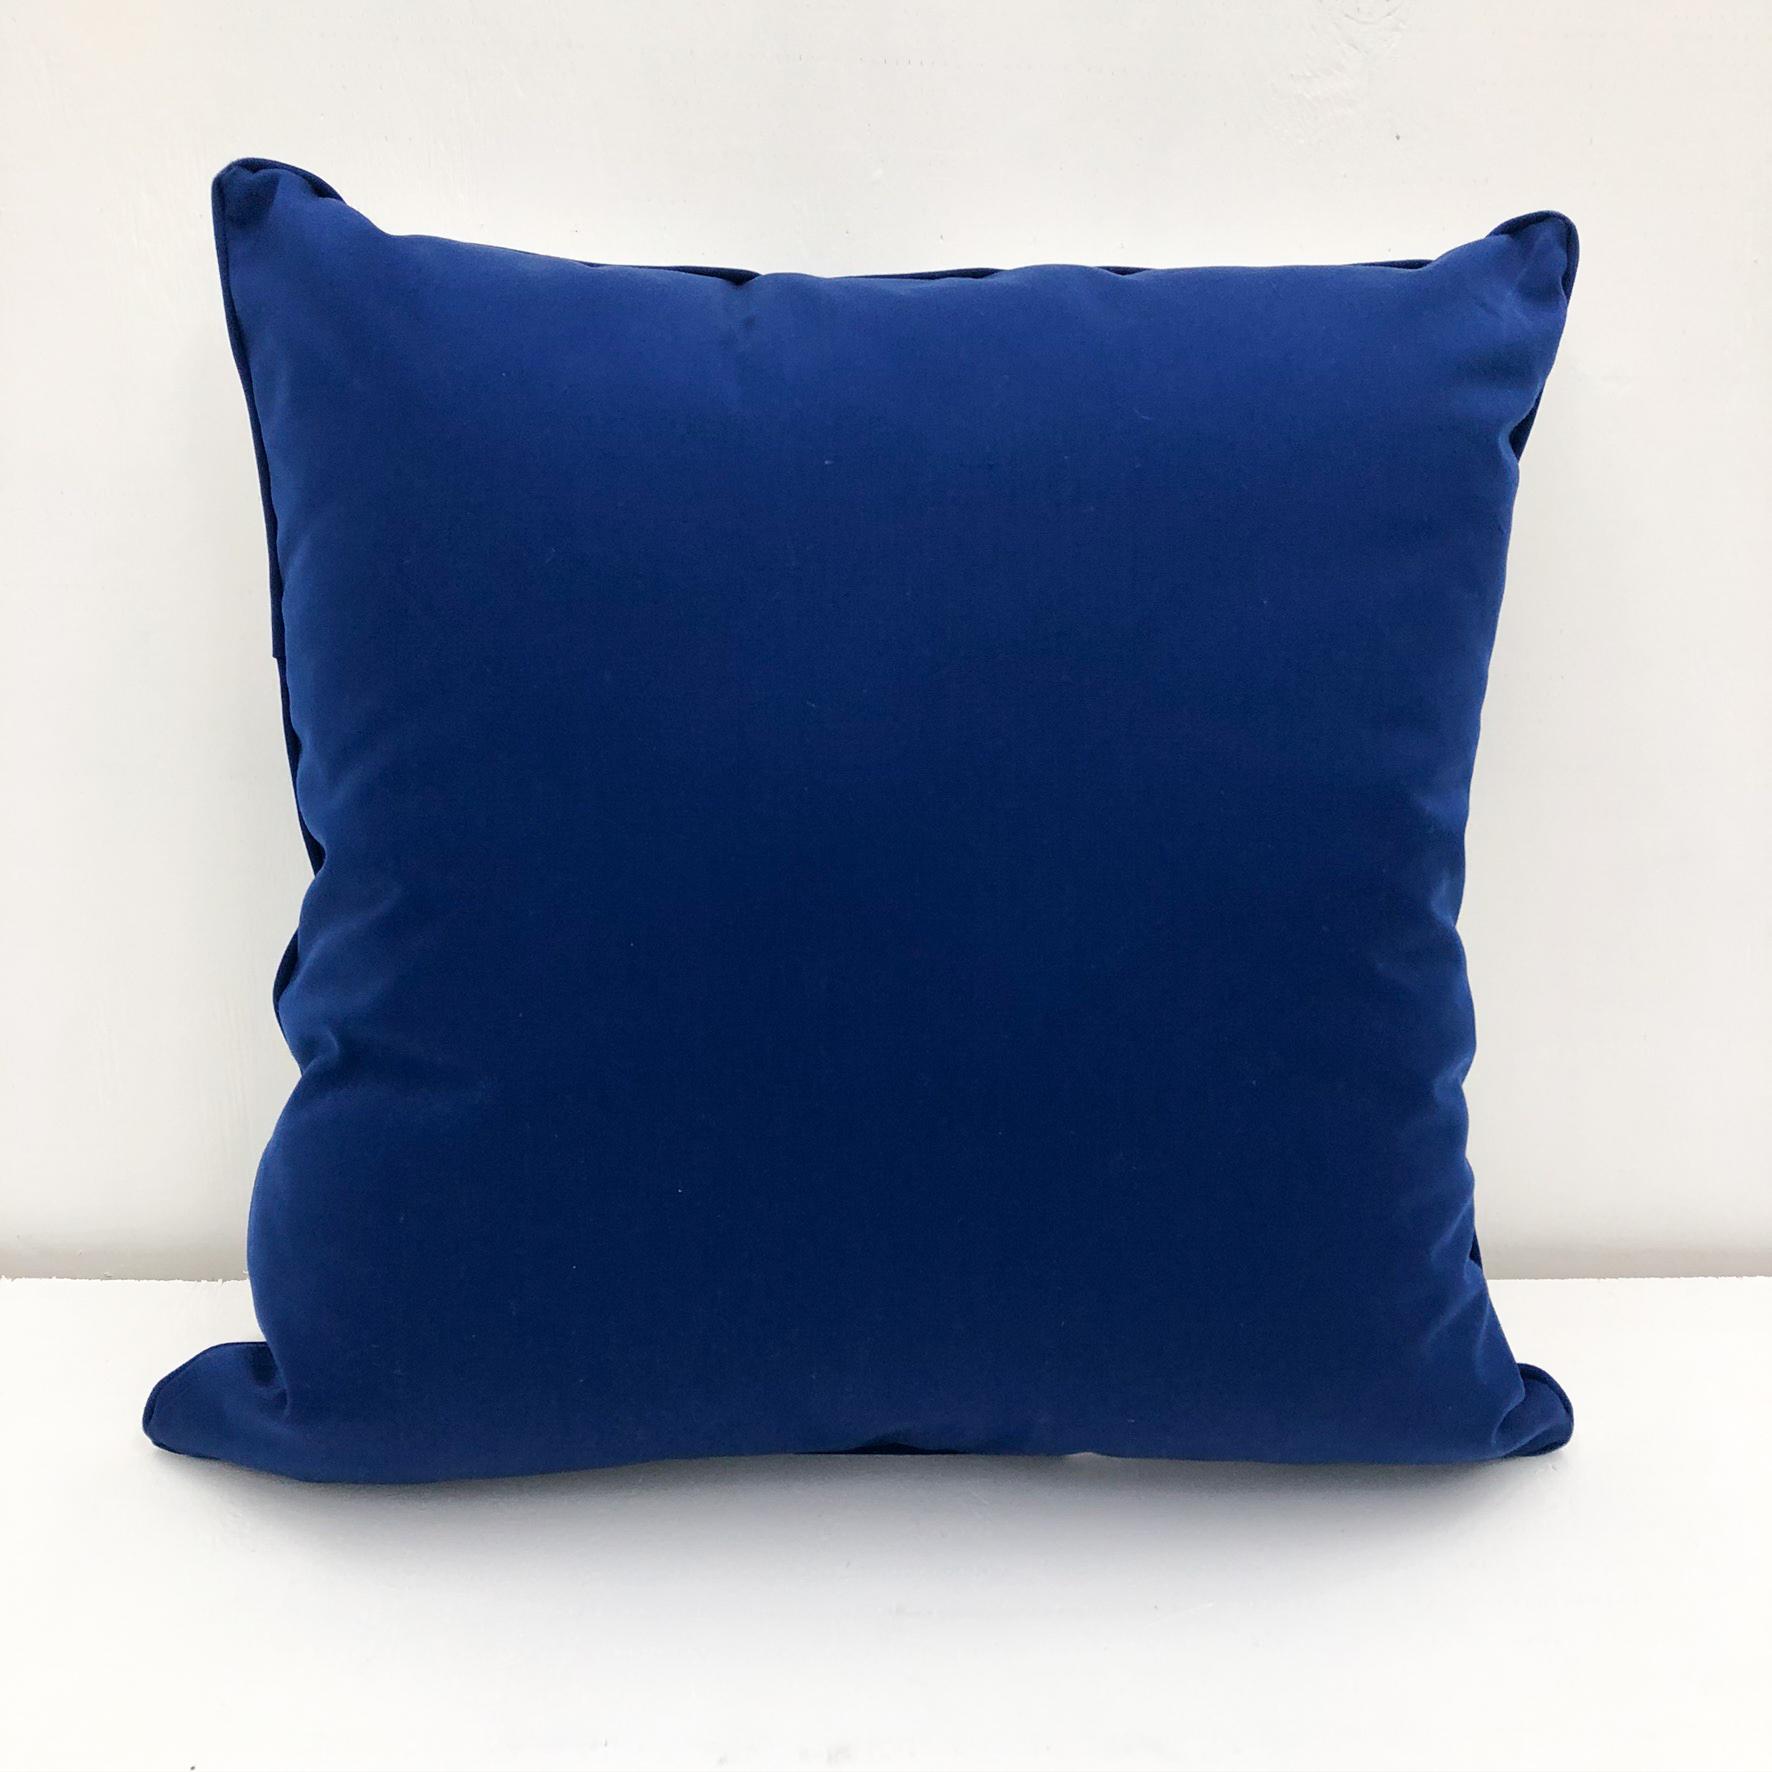 Sunbrella Starfish Pillow - Sunbrella - back